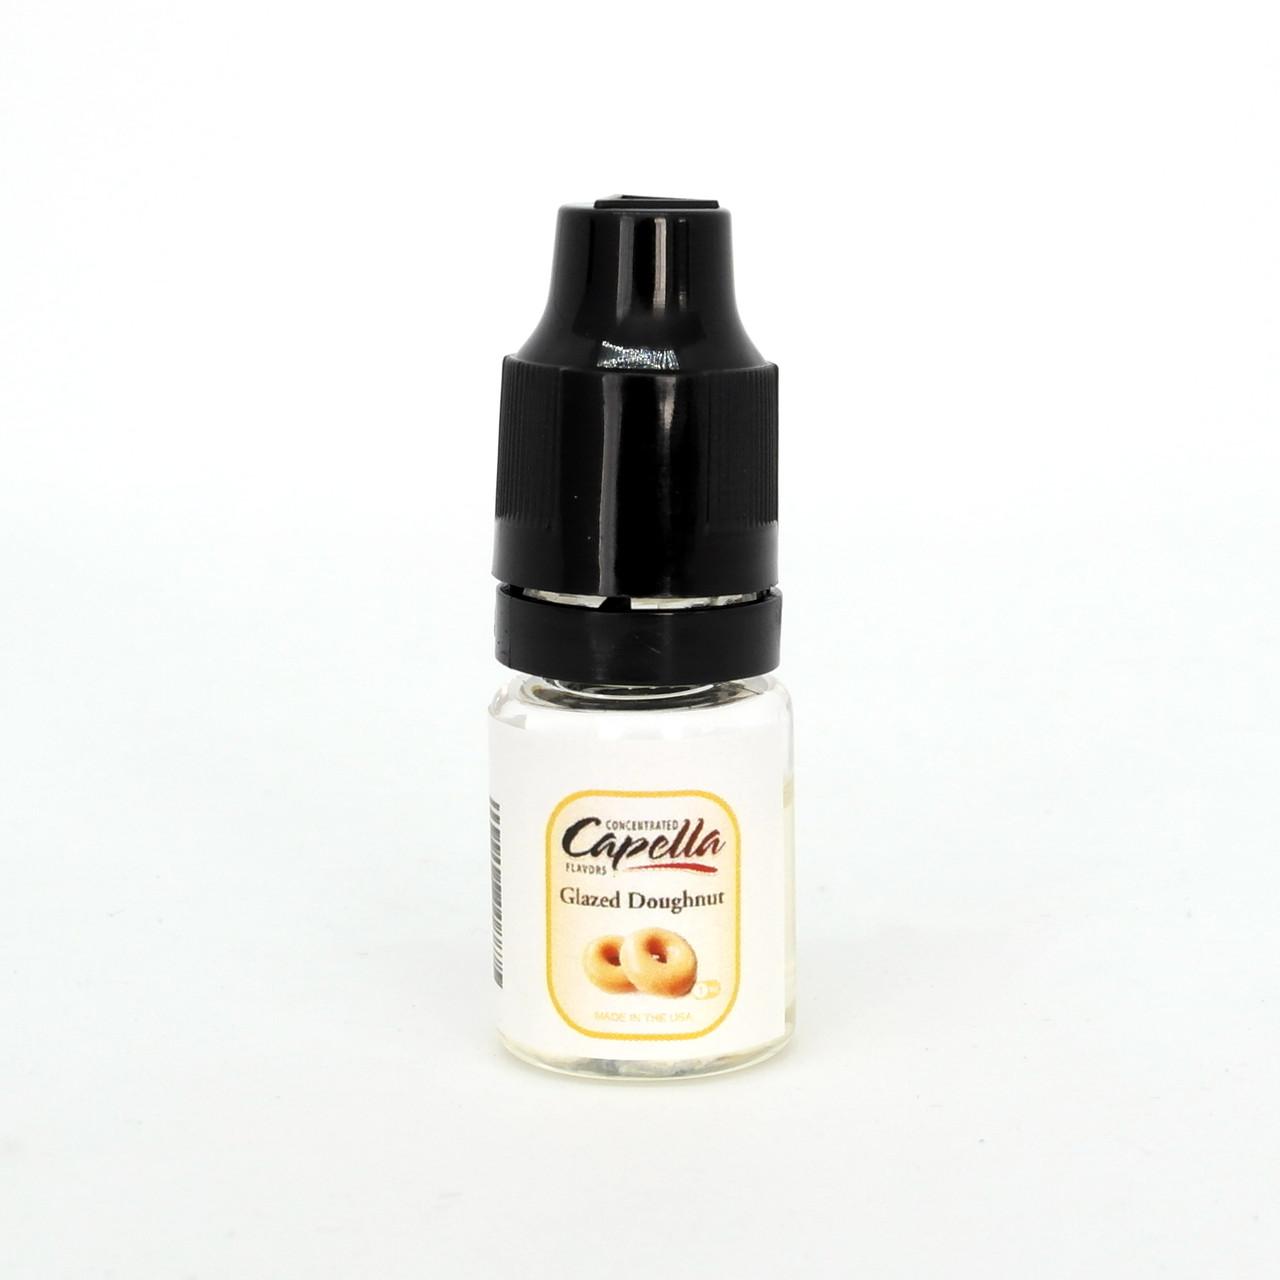 Ароматизатор Capella Glazed Doughnut (Глазированный пончик) 5 мл. (0210)